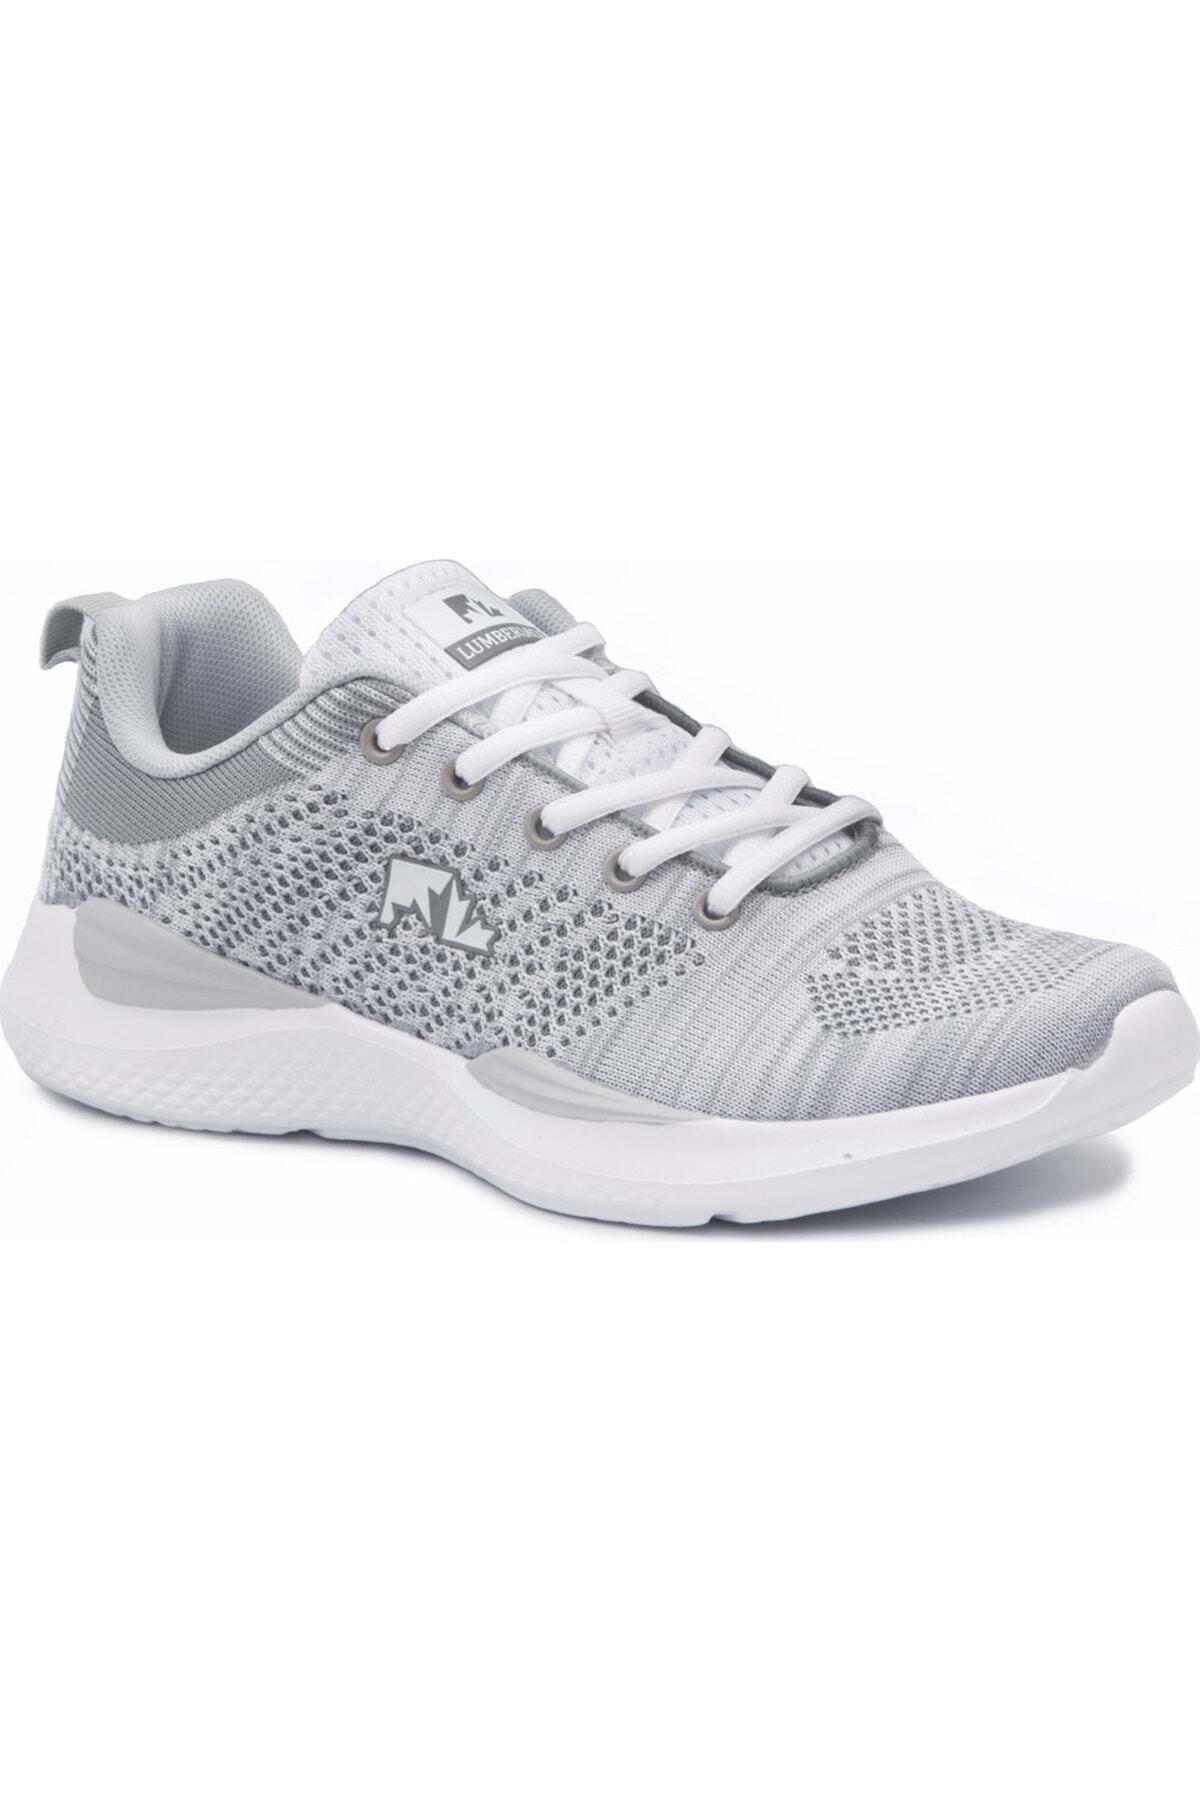 lumberjack WOLKY 1FX Beyaz Kadın Koşu Ayakkabısı 100787330 1